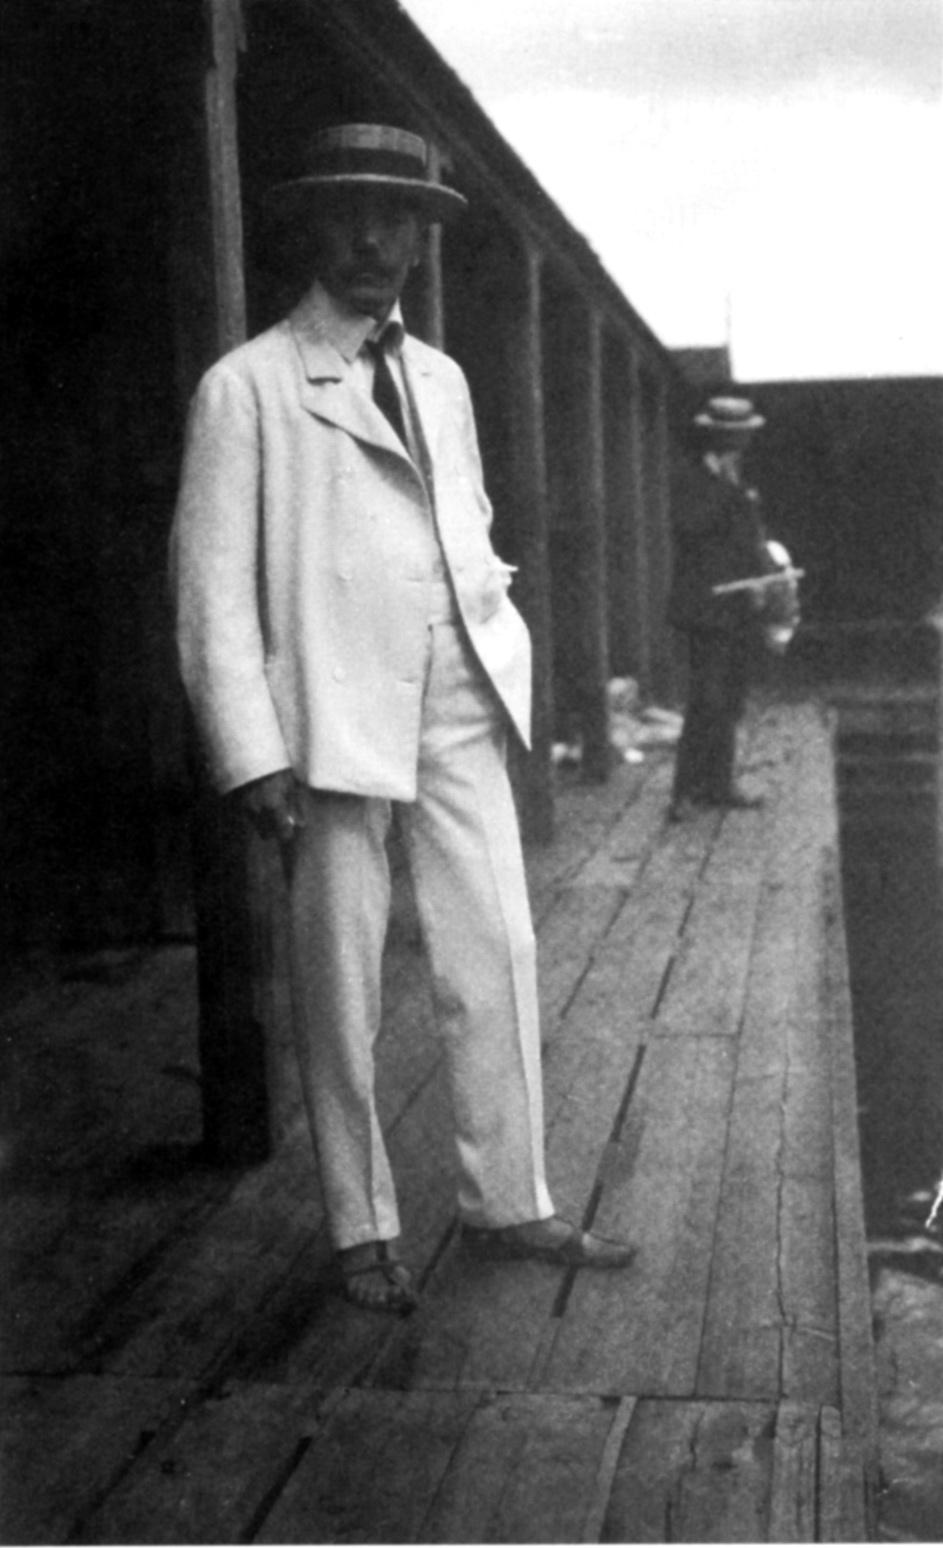 Eugène Jansson ai Flottans Badhus